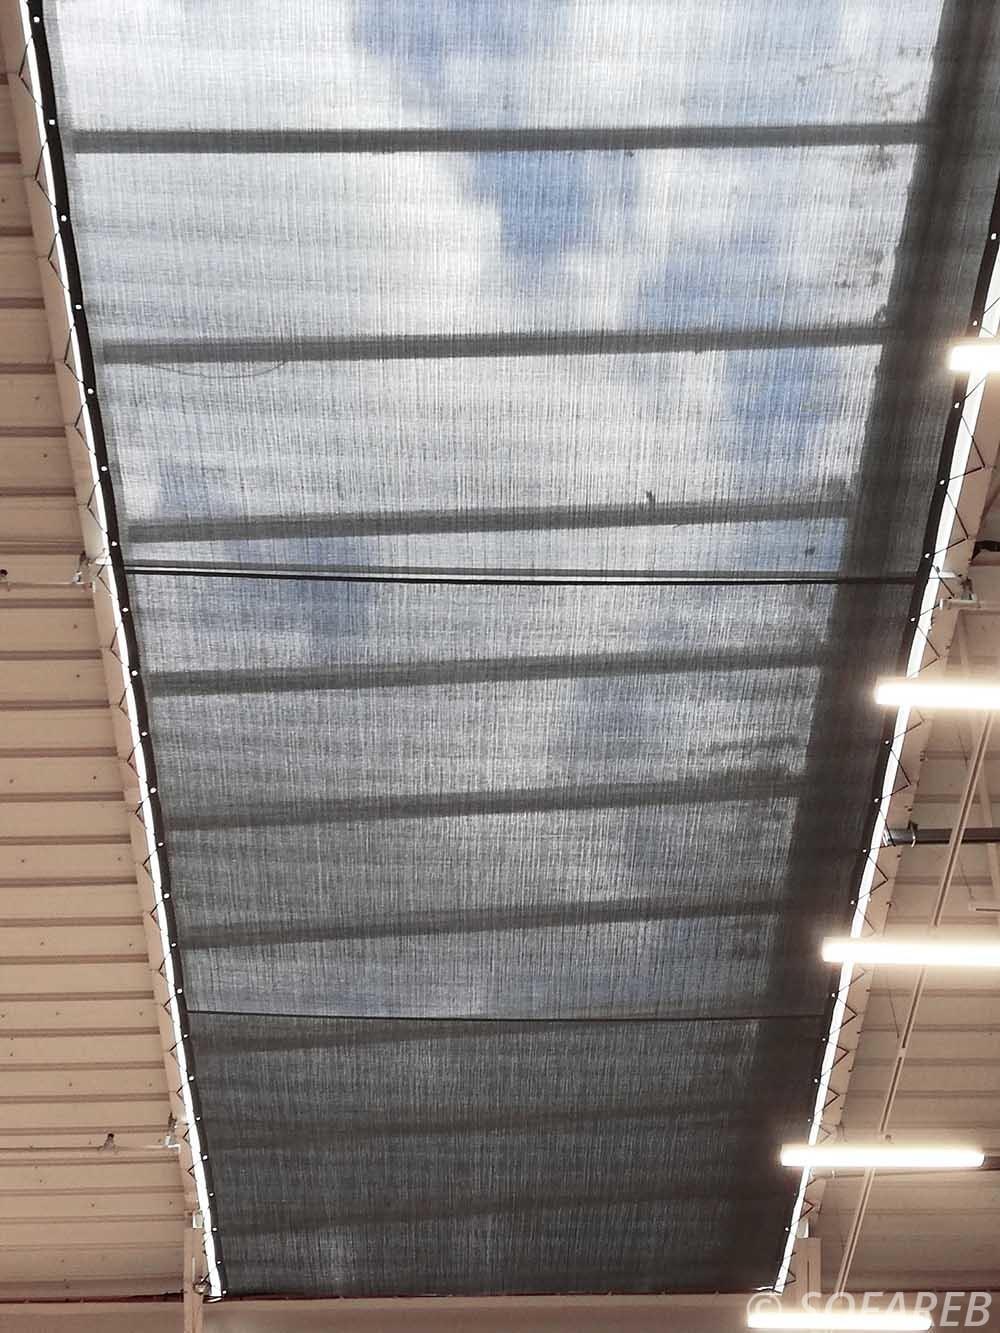 toiles tendues installees au plafond du hyper u de chantonnay pour proteger du soleil